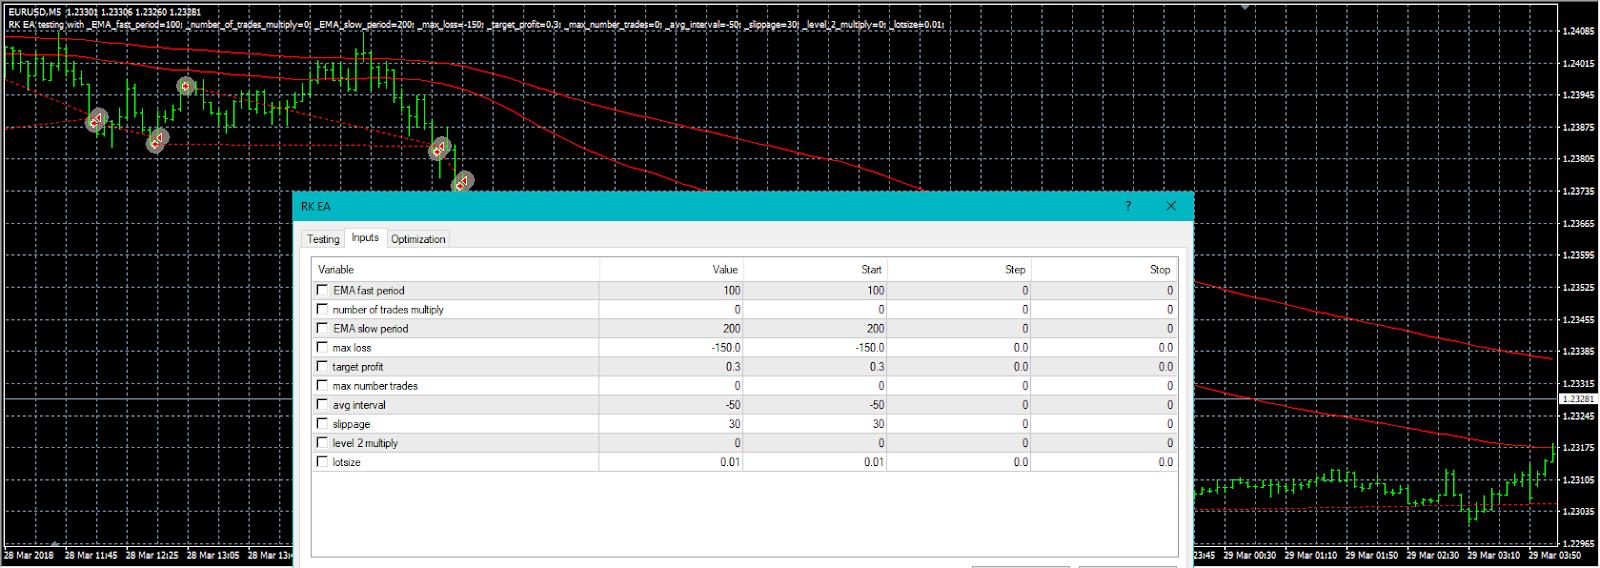 Trình kiểm thử chiến lược Forex và mô phỏng giao dịch theo ngày